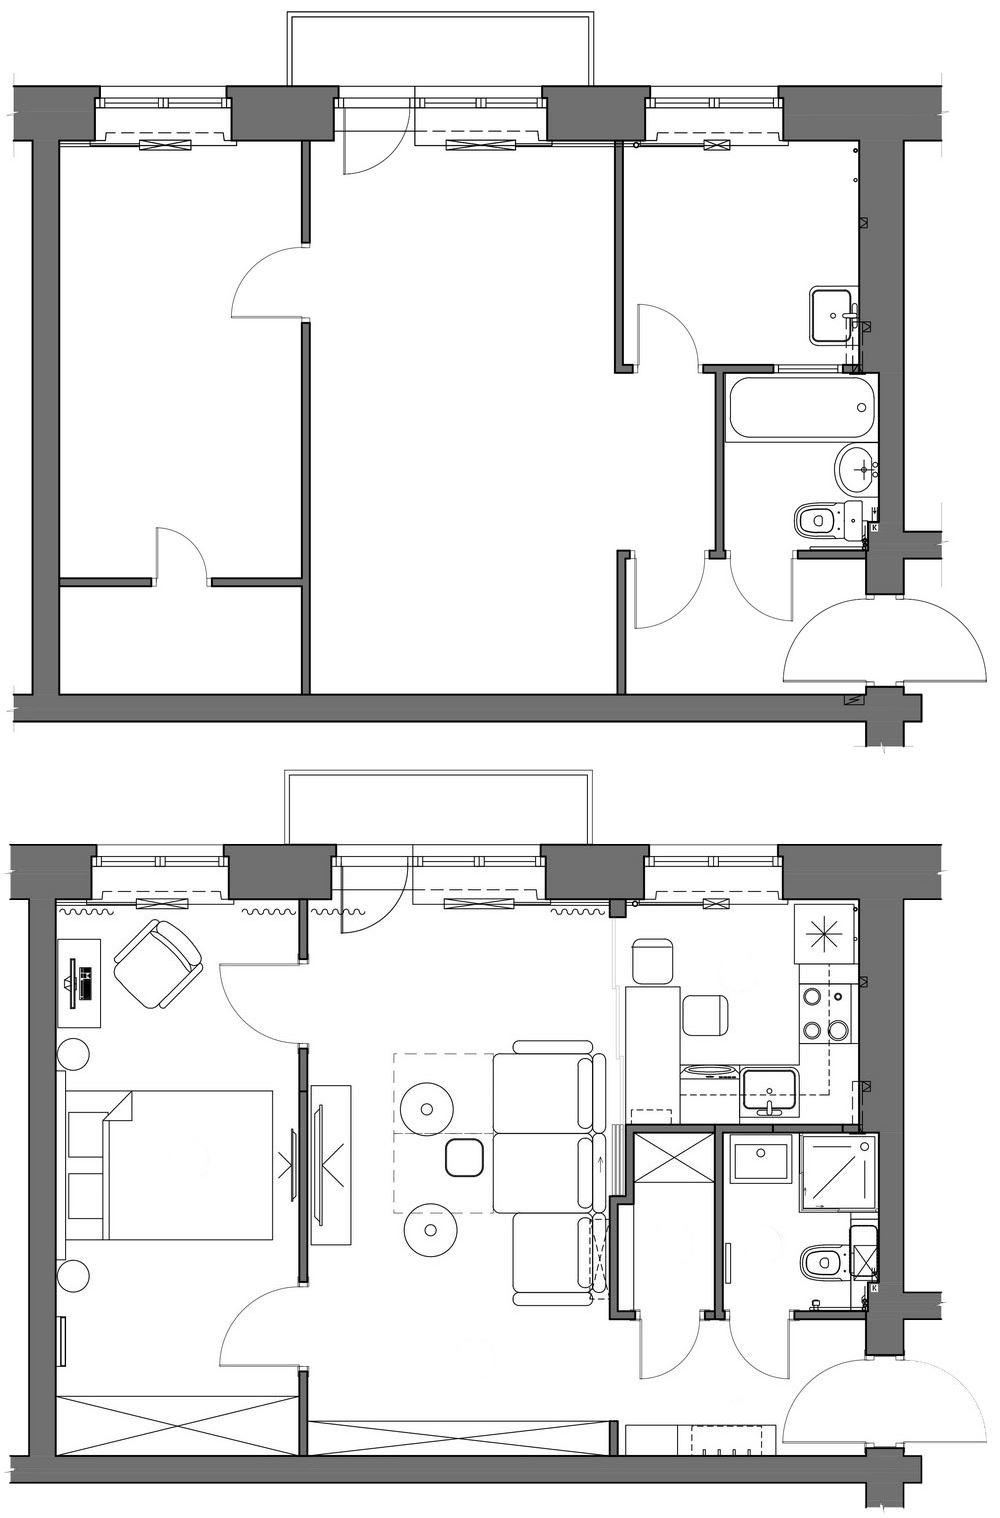 Cum au procedat arhitecții pentru reorganizarea apartamentului situat într-un bloc u structură portantă, adică ziduri de cărămidă? Încă din holul de la intrare au desființat ușa de acces către living.